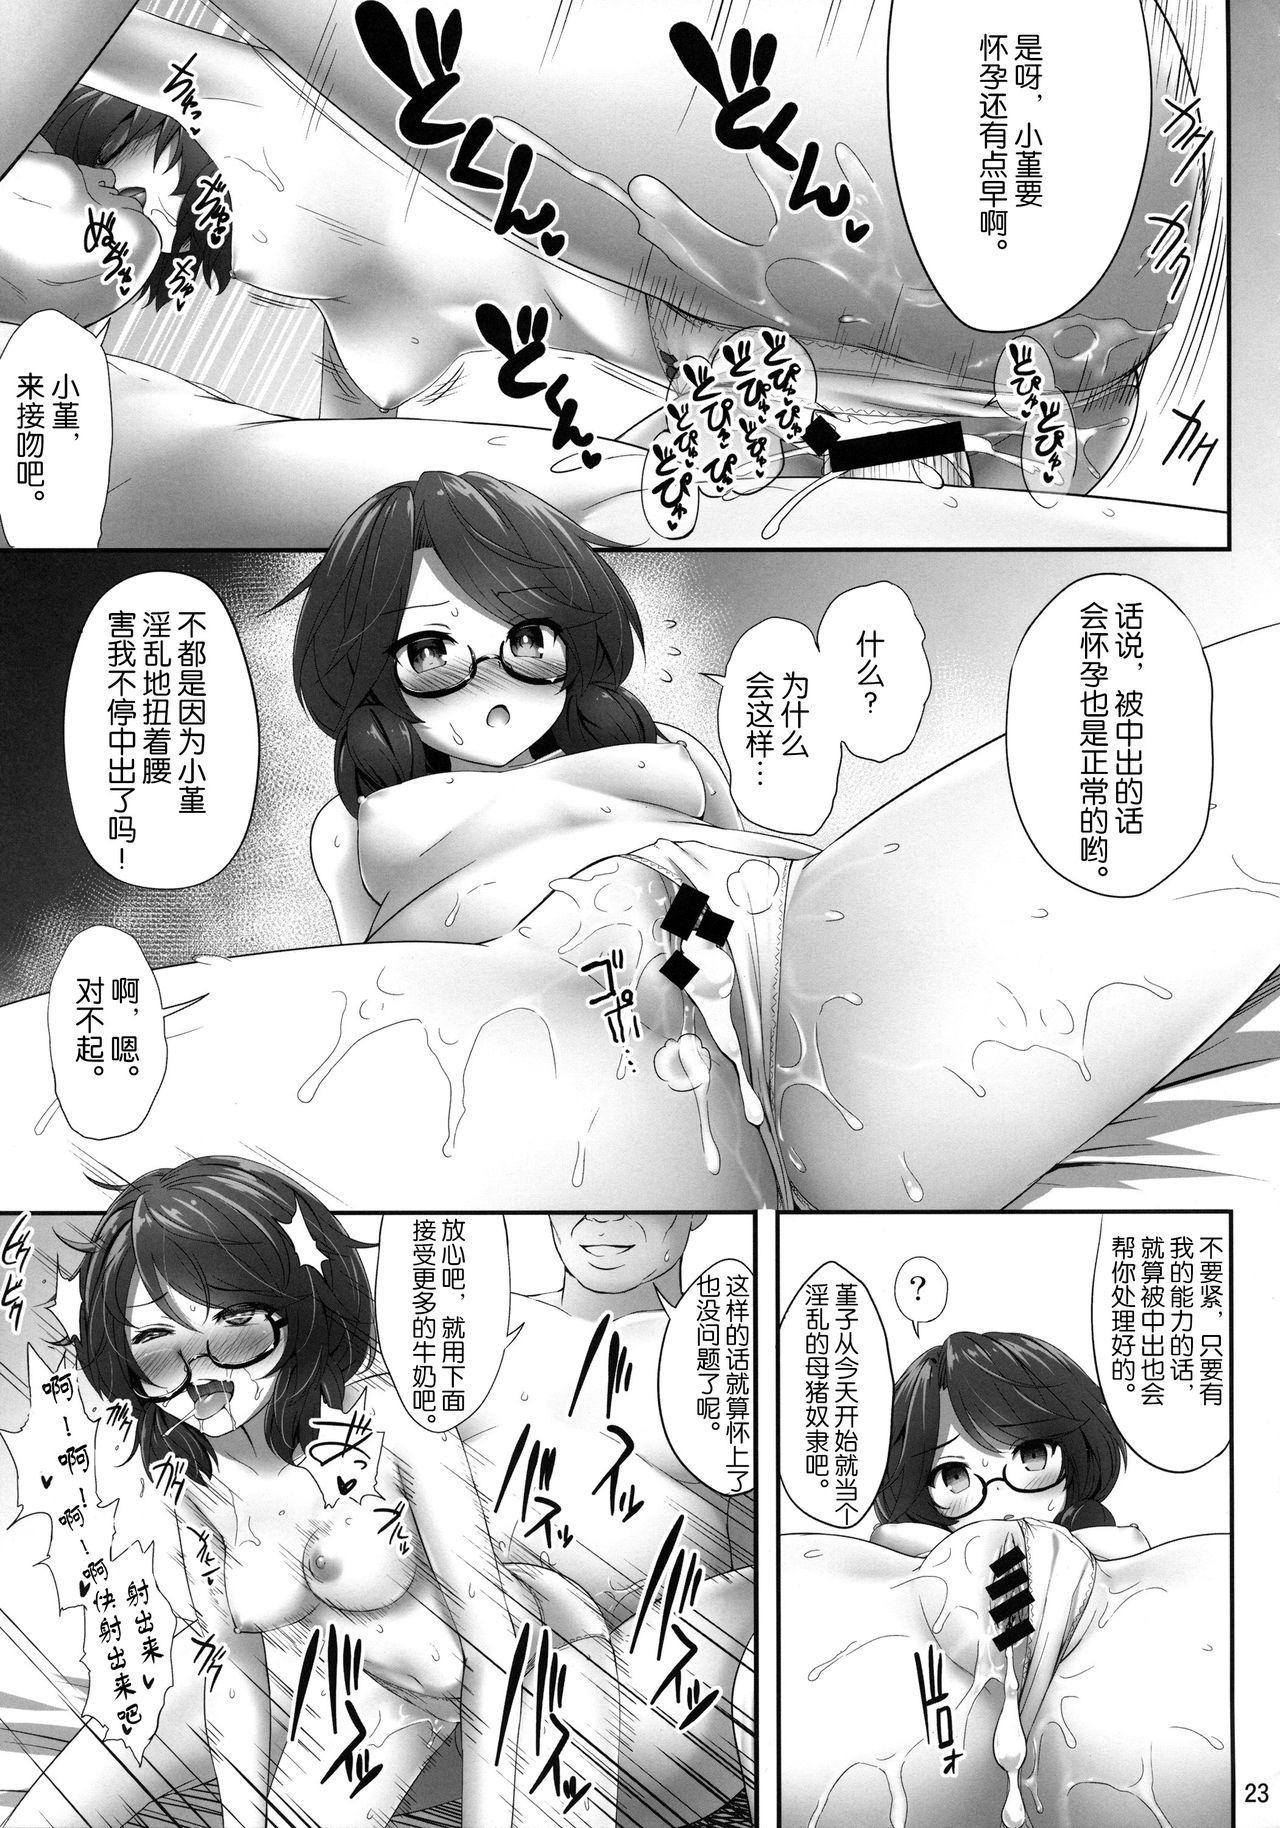 Usami Sumireko Saiminbon 22